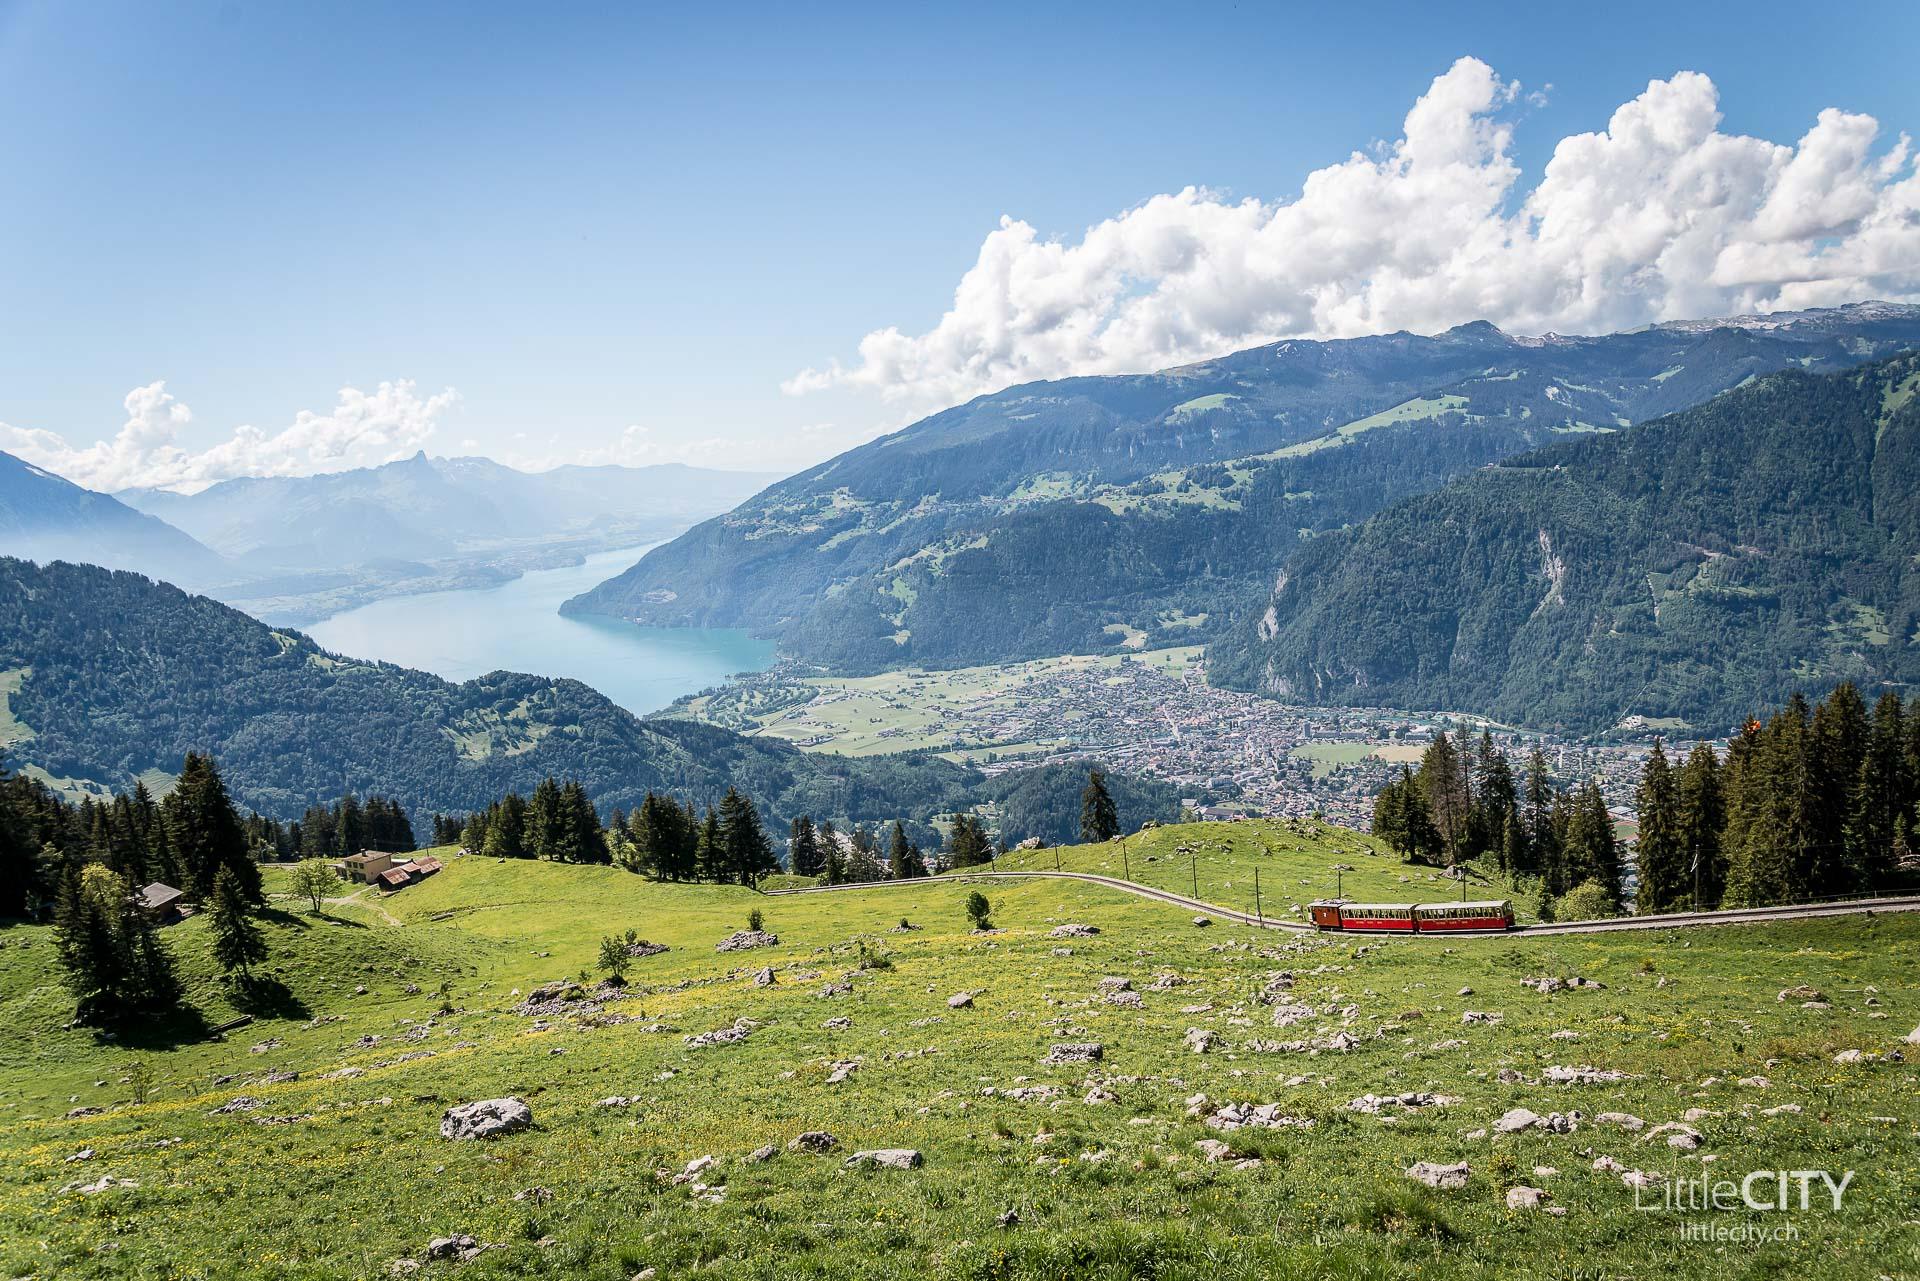 Schynige Platte Wanderung Jungfrau Bahnen LittleCITY-46